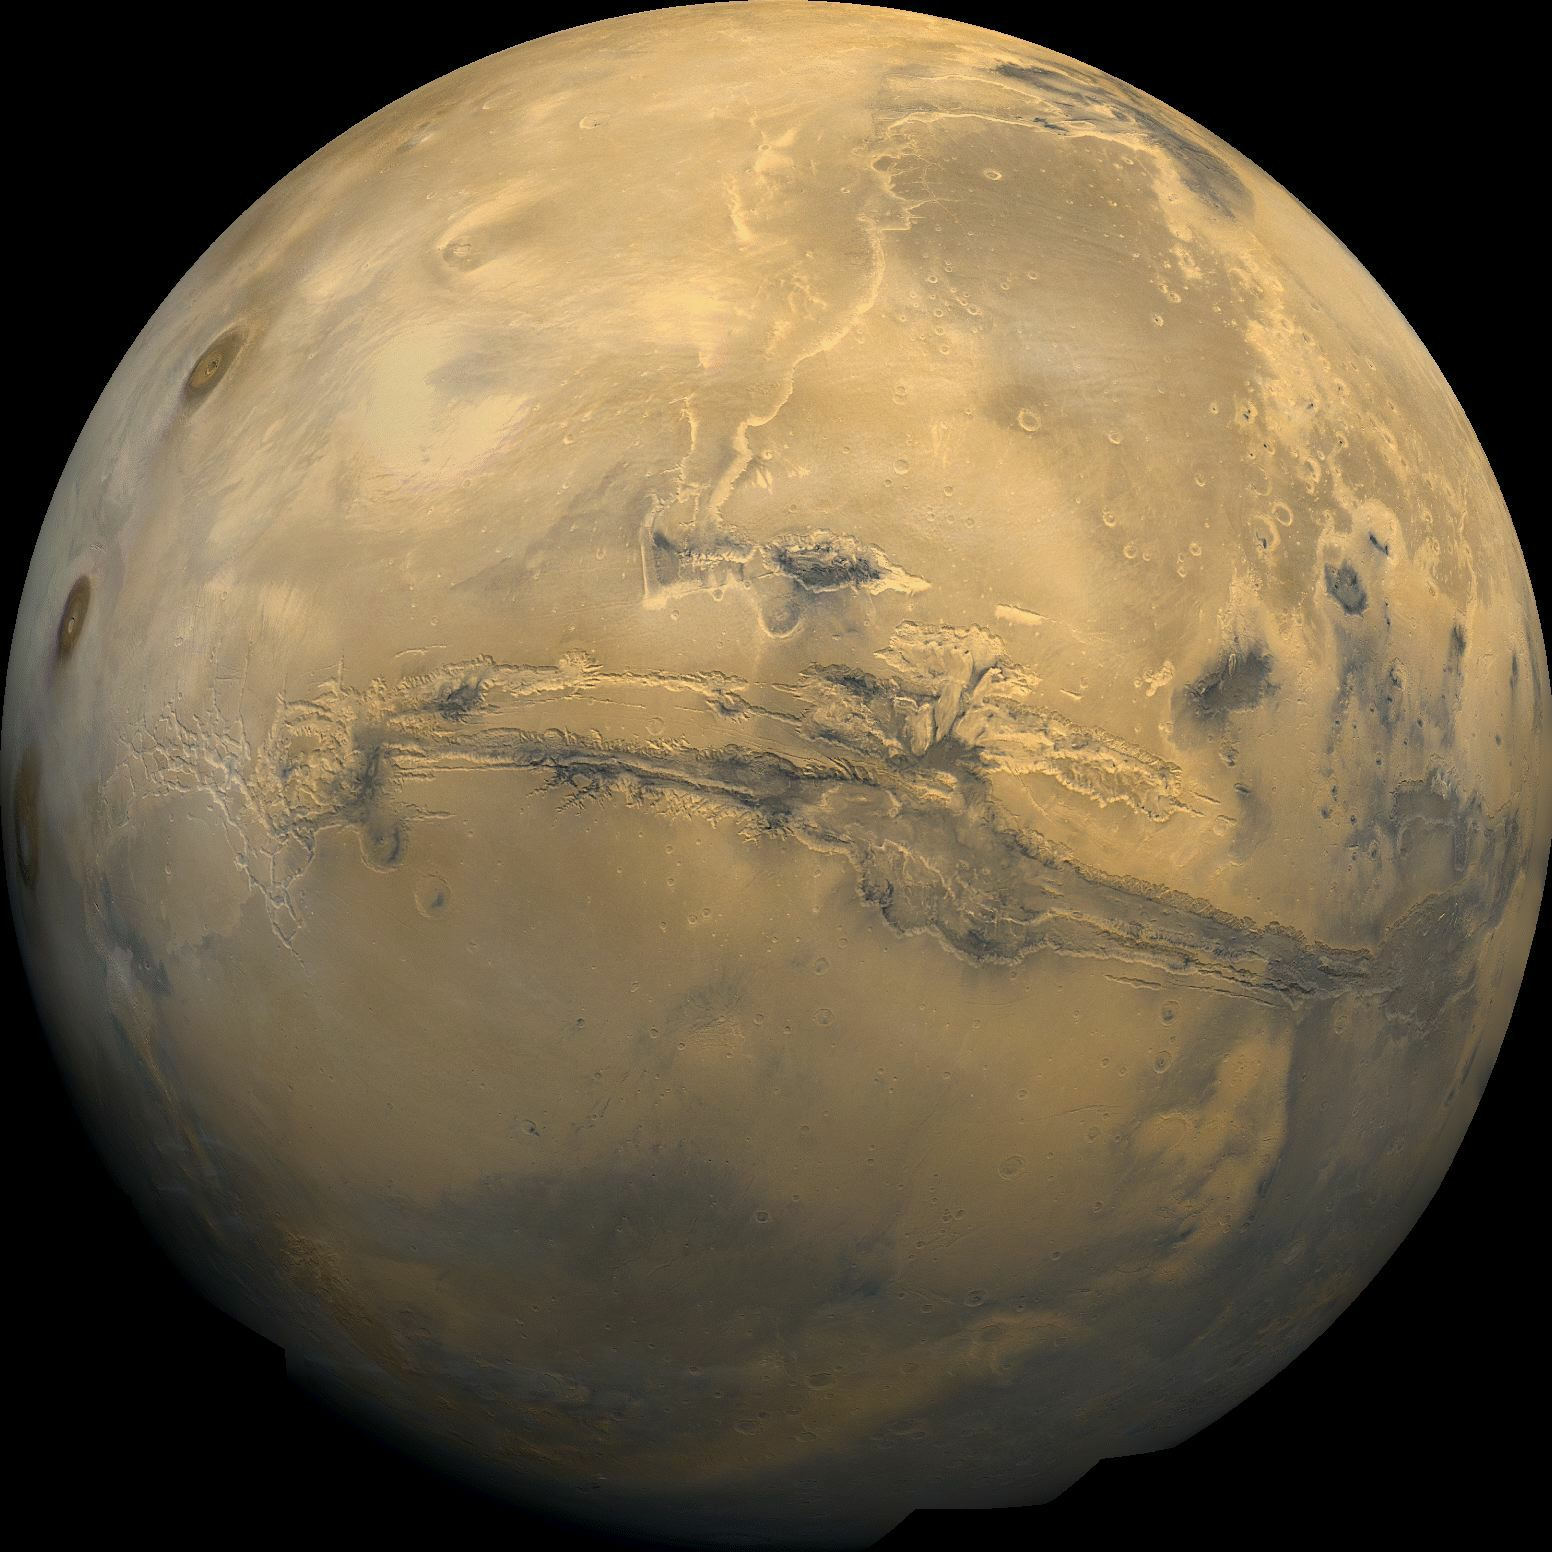 Wielka opozycja Marsa. Mars bardzo blisko Ziemi